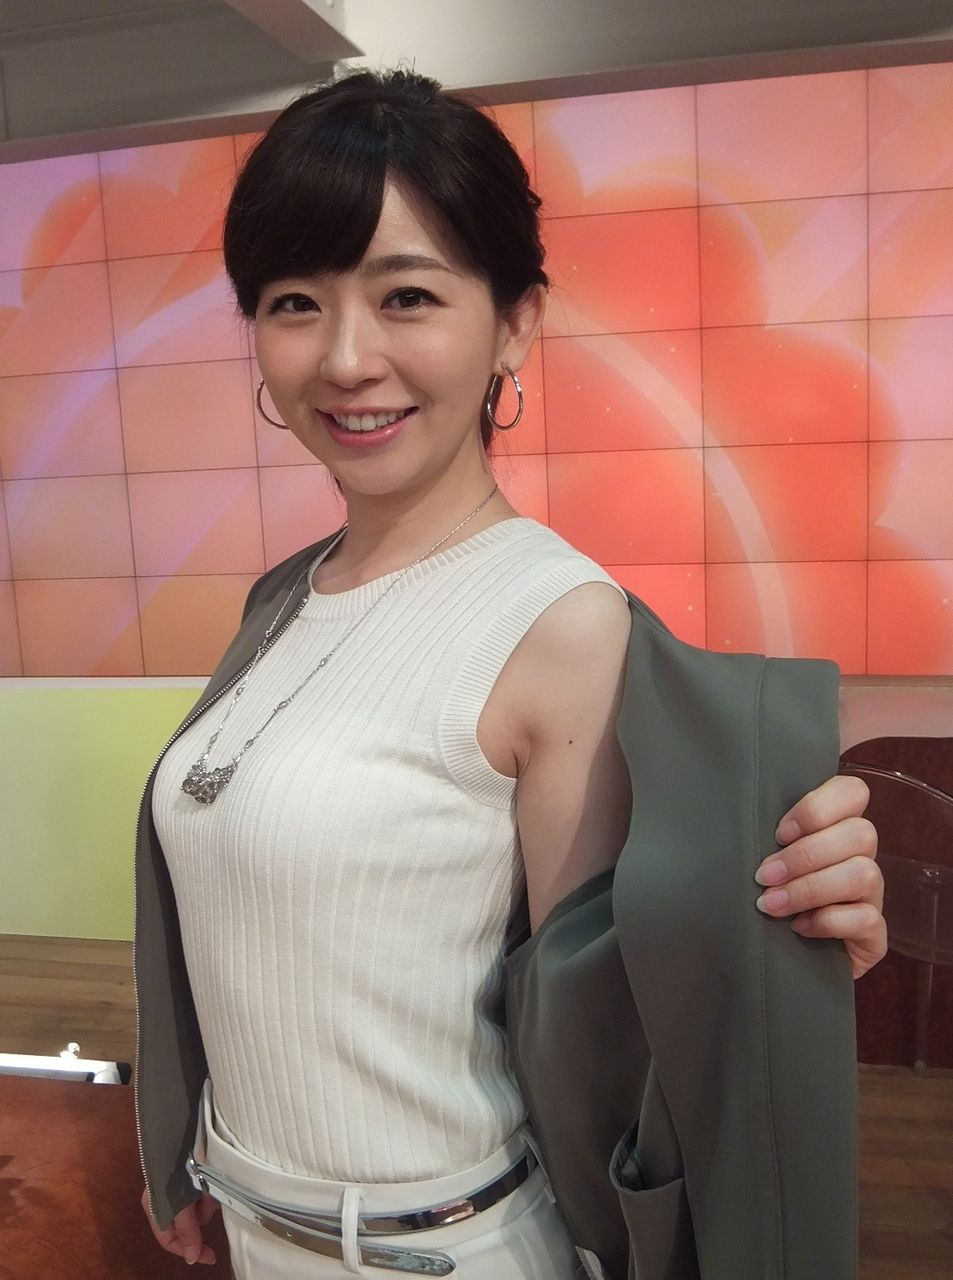 【エンタメ画像】松尾アナとかいうワキ見せおばさん!!!!!!!!!!!!!!!!!!!!!!!!!!!!!!!!!!!!!!!!!!!!!!!!!!!